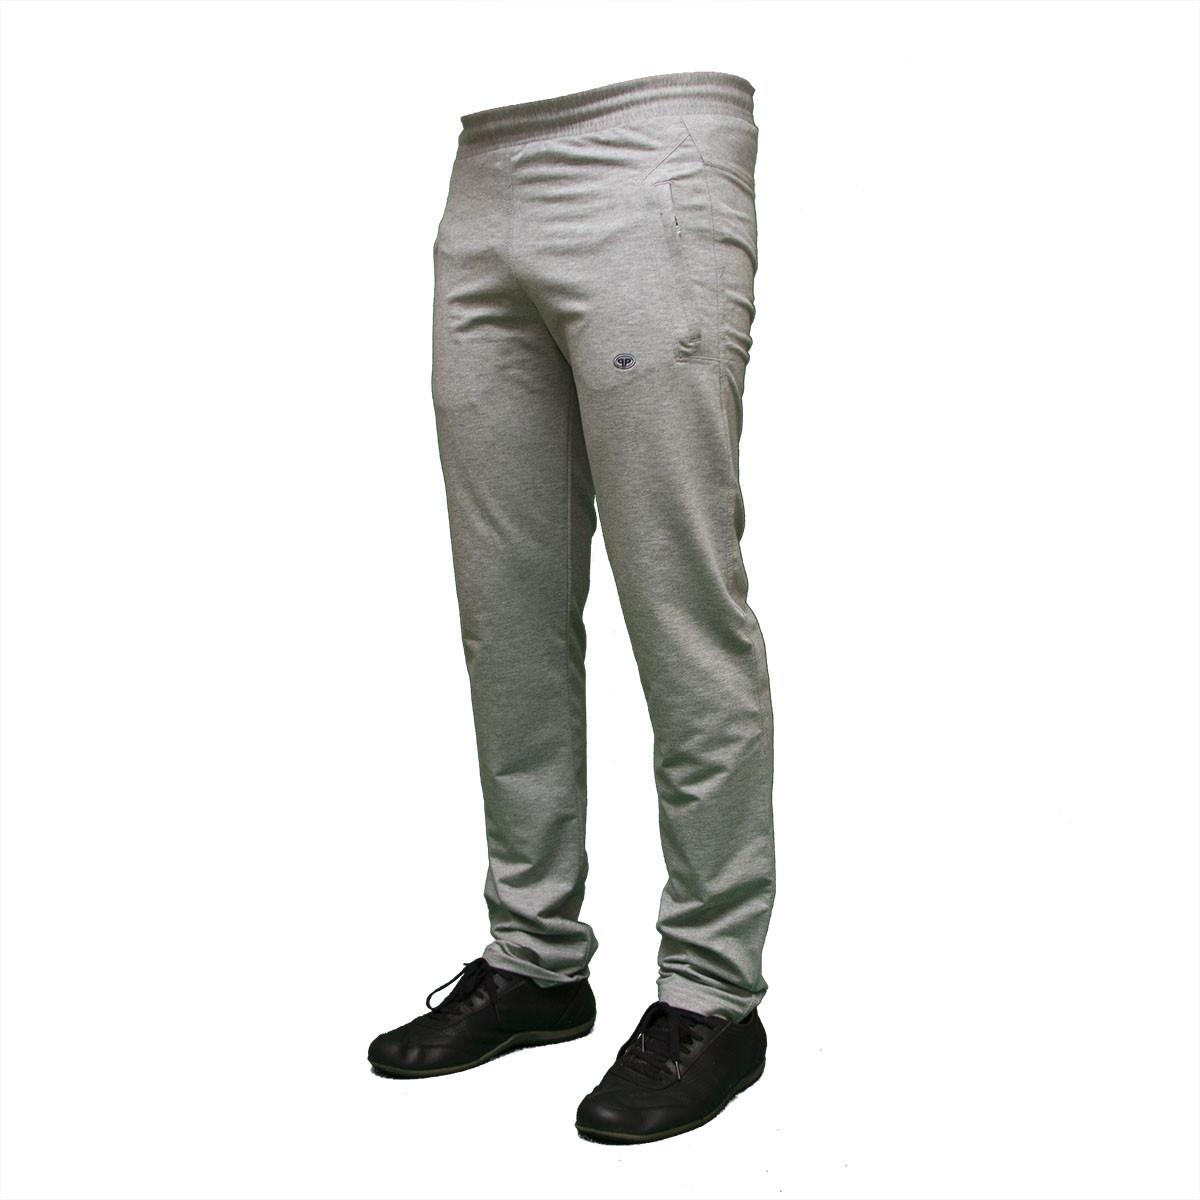 2abc8076 Зауженные мужские спортивные штаны тм. PIYERA 126-3 оптом и в ...